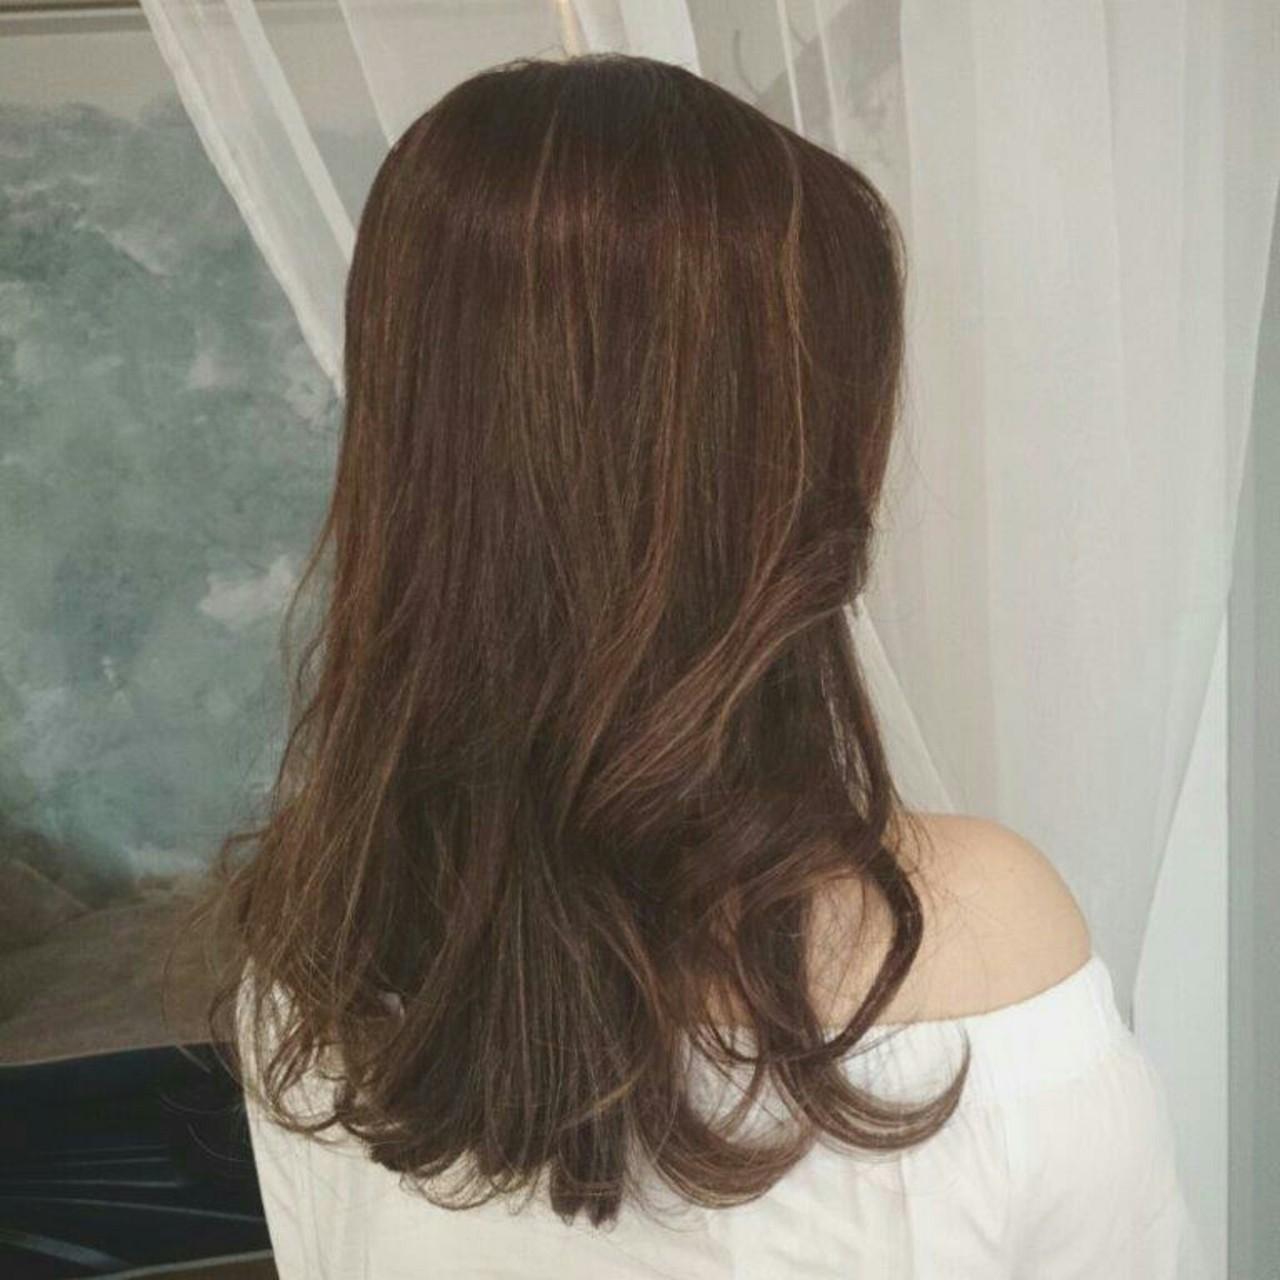 ウェーブ ヘアアレンジ ロング エレガント ヘアスタイルや髪型の写真・画像